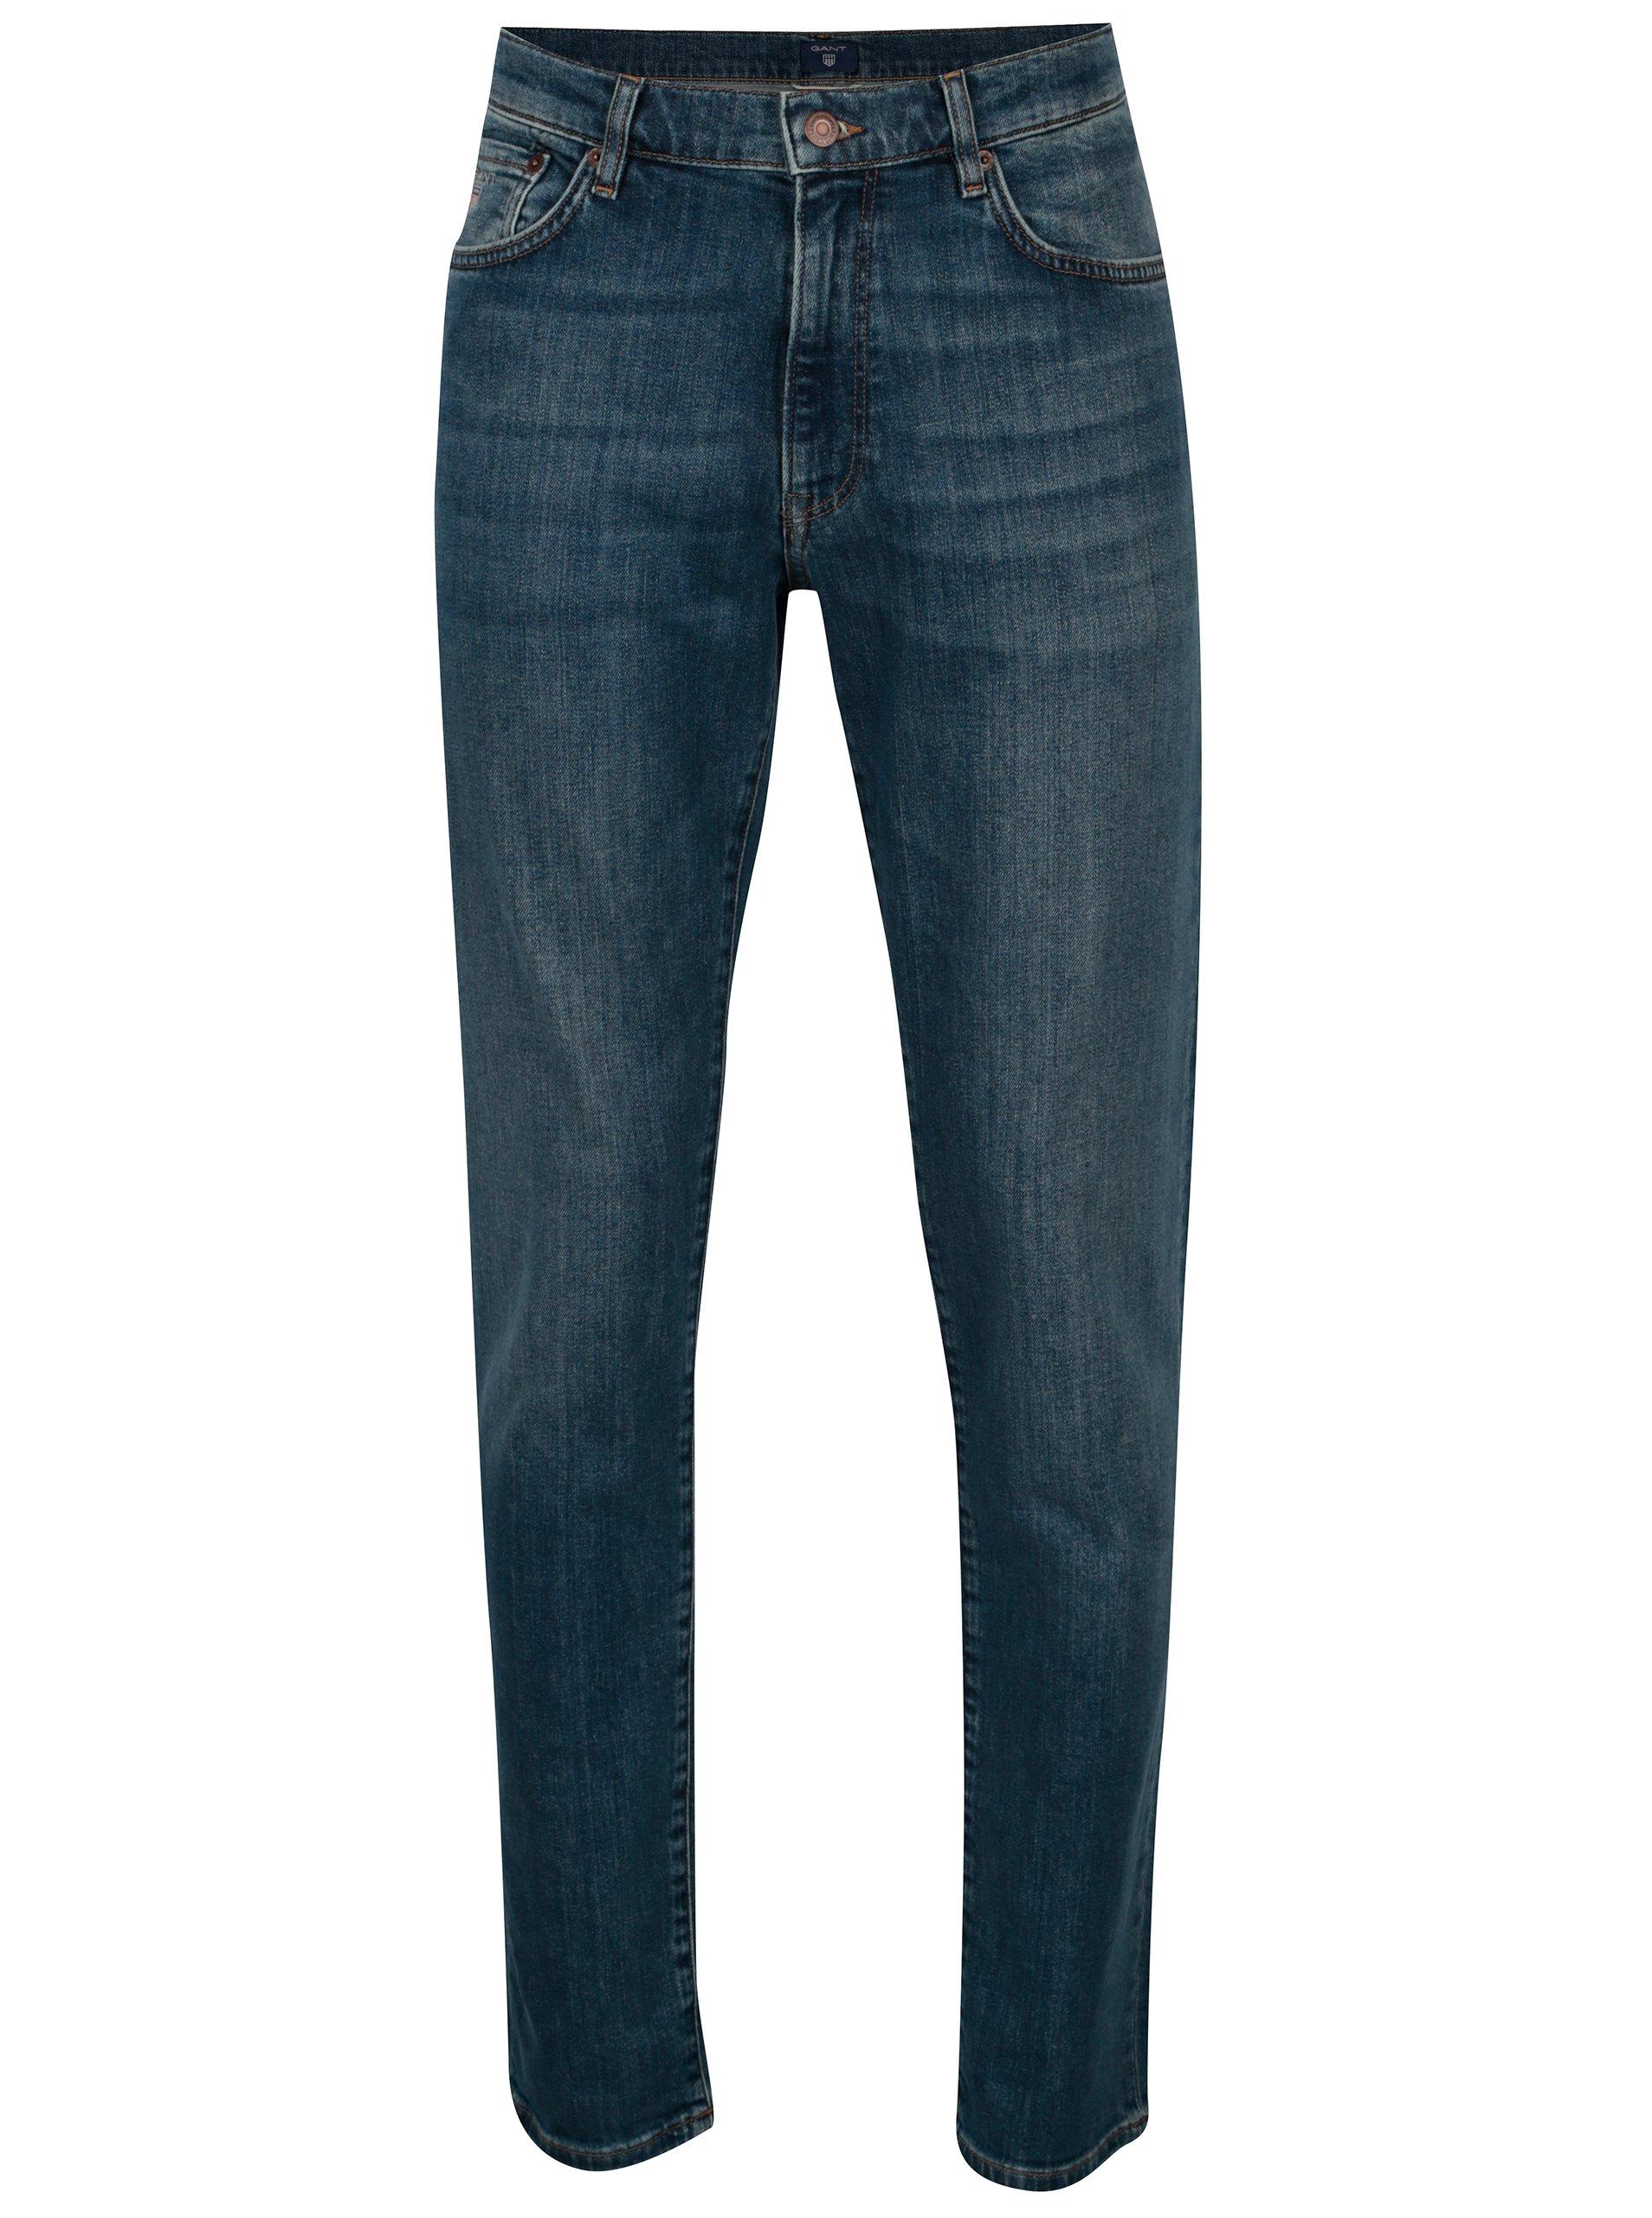 c6b20be7af7 Modré pánské slim džíny GANT